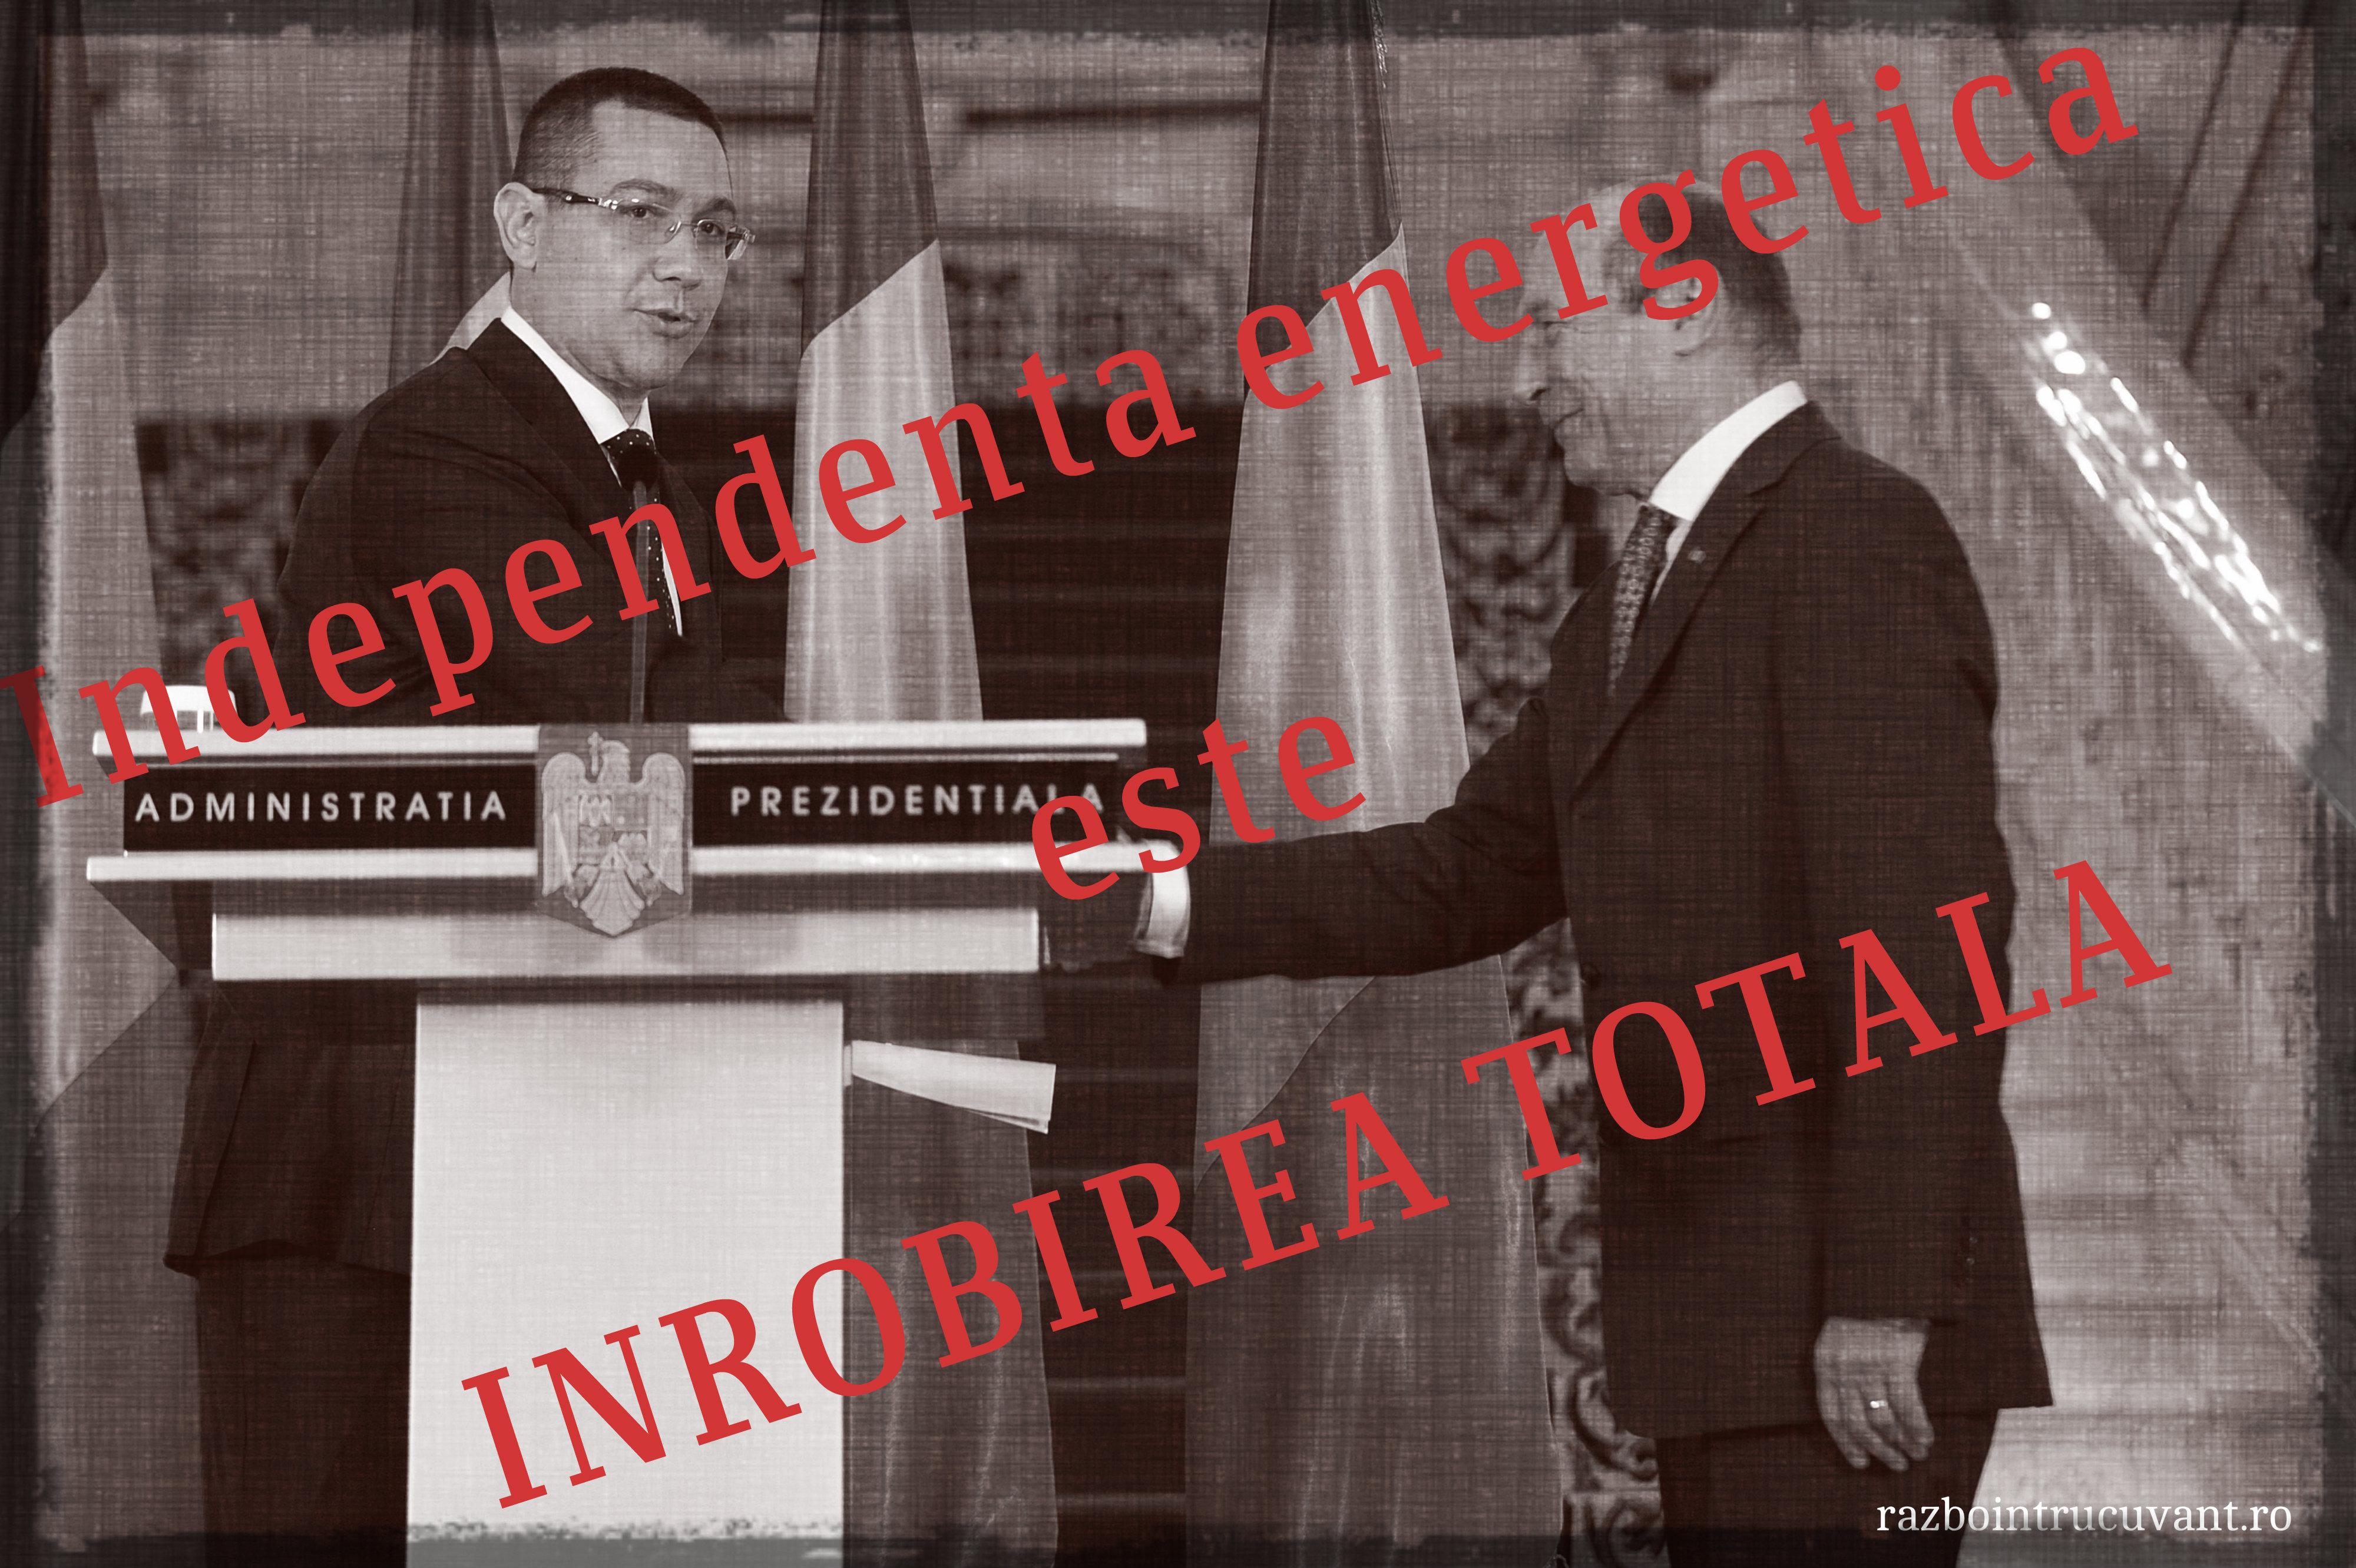 """<b><i>""""INDEPENDENTA ENERGETICA""""</i> NU E DECAT INROBIREA TOTALA</b>. <i>Cum sunt tamaiati Traian Basescu si Victor Ponta de aceleasi """"THINK-TANKURI"""" NEOLIBERALE pentru ca au dat tara pe mana CORPORATIILOR</i>"""